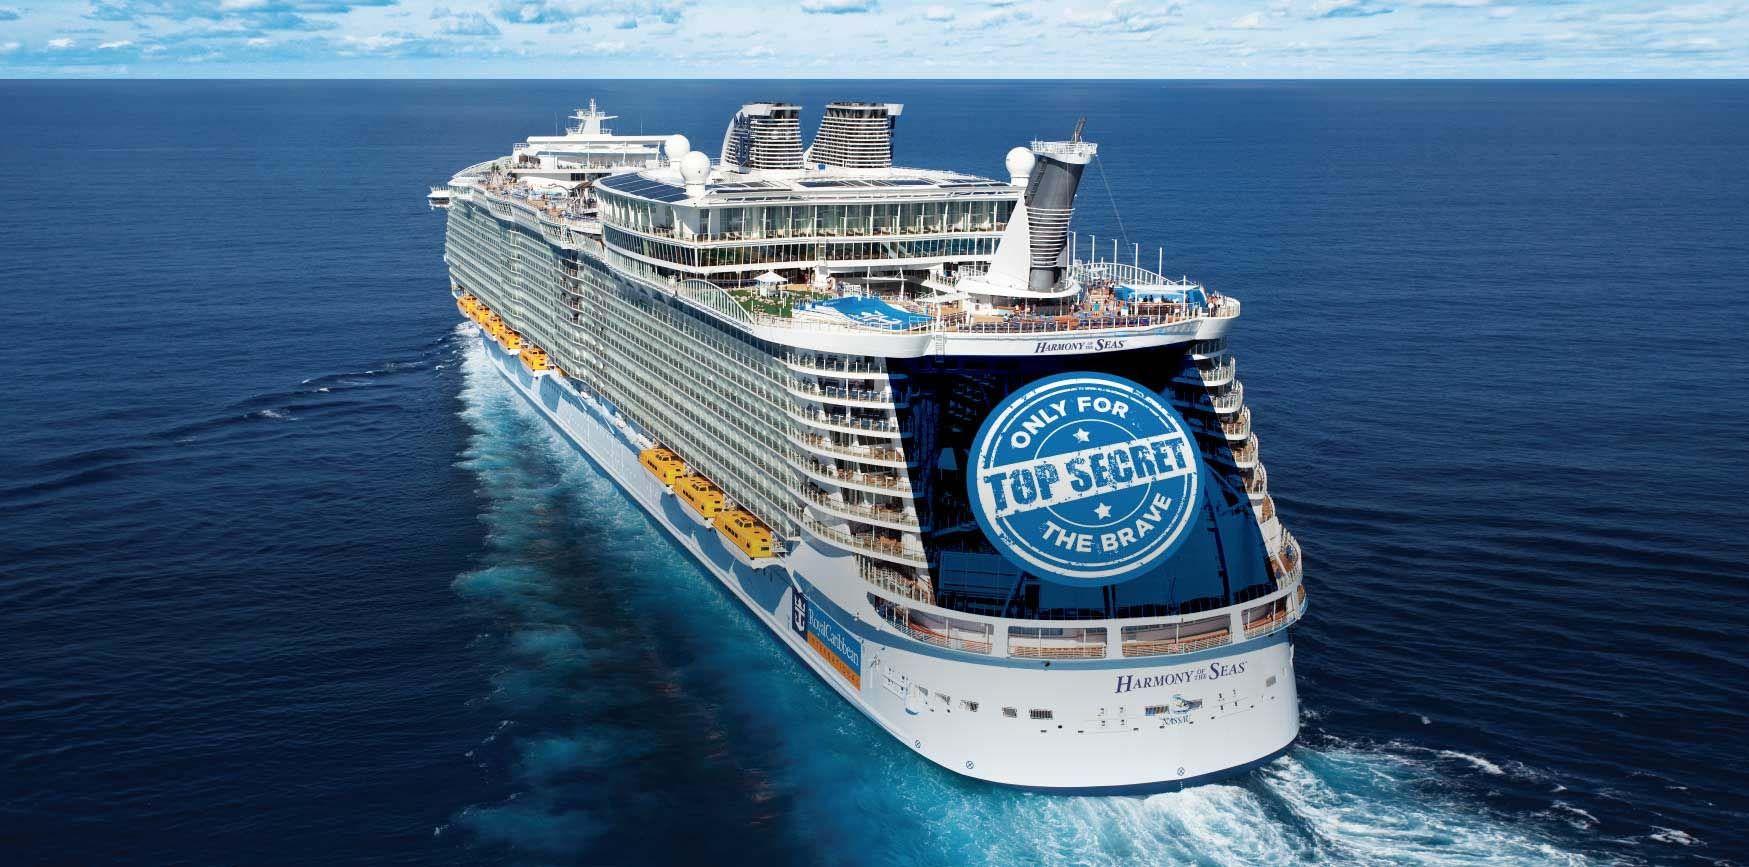 New Ship Harmony Of The Seas Royal Caribbean International